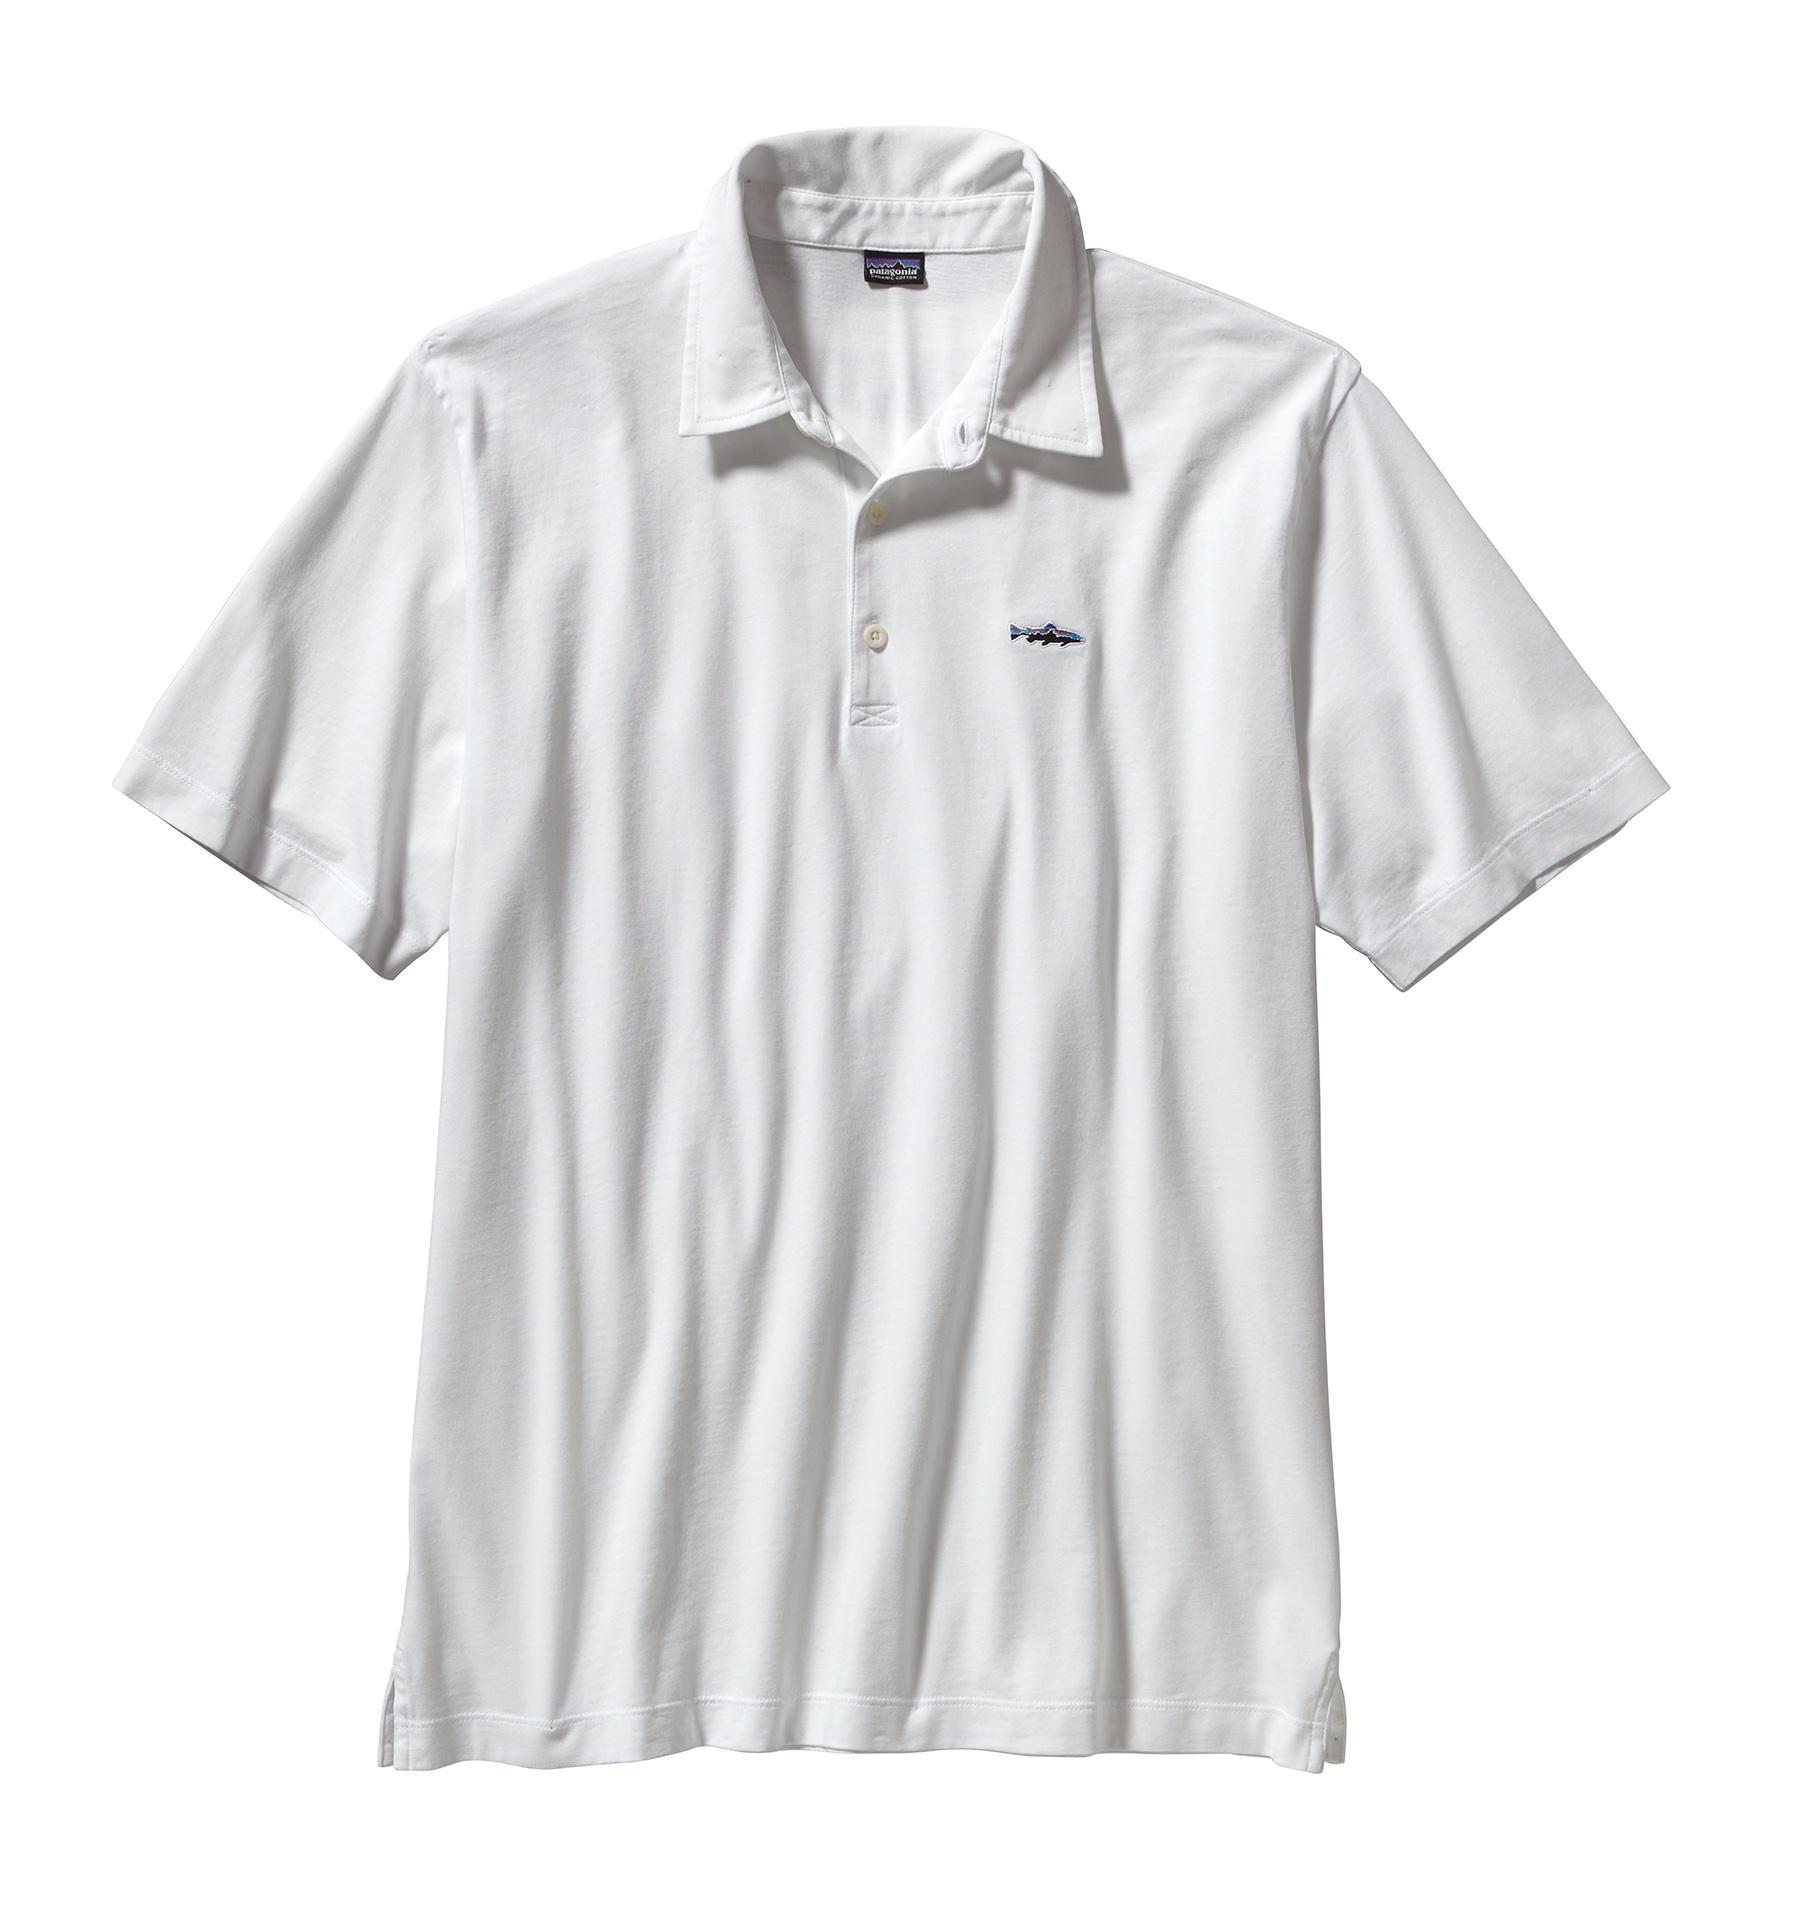 Patagonia Men's Polo Trout Fitz Roy Shirt WHI_WHITE